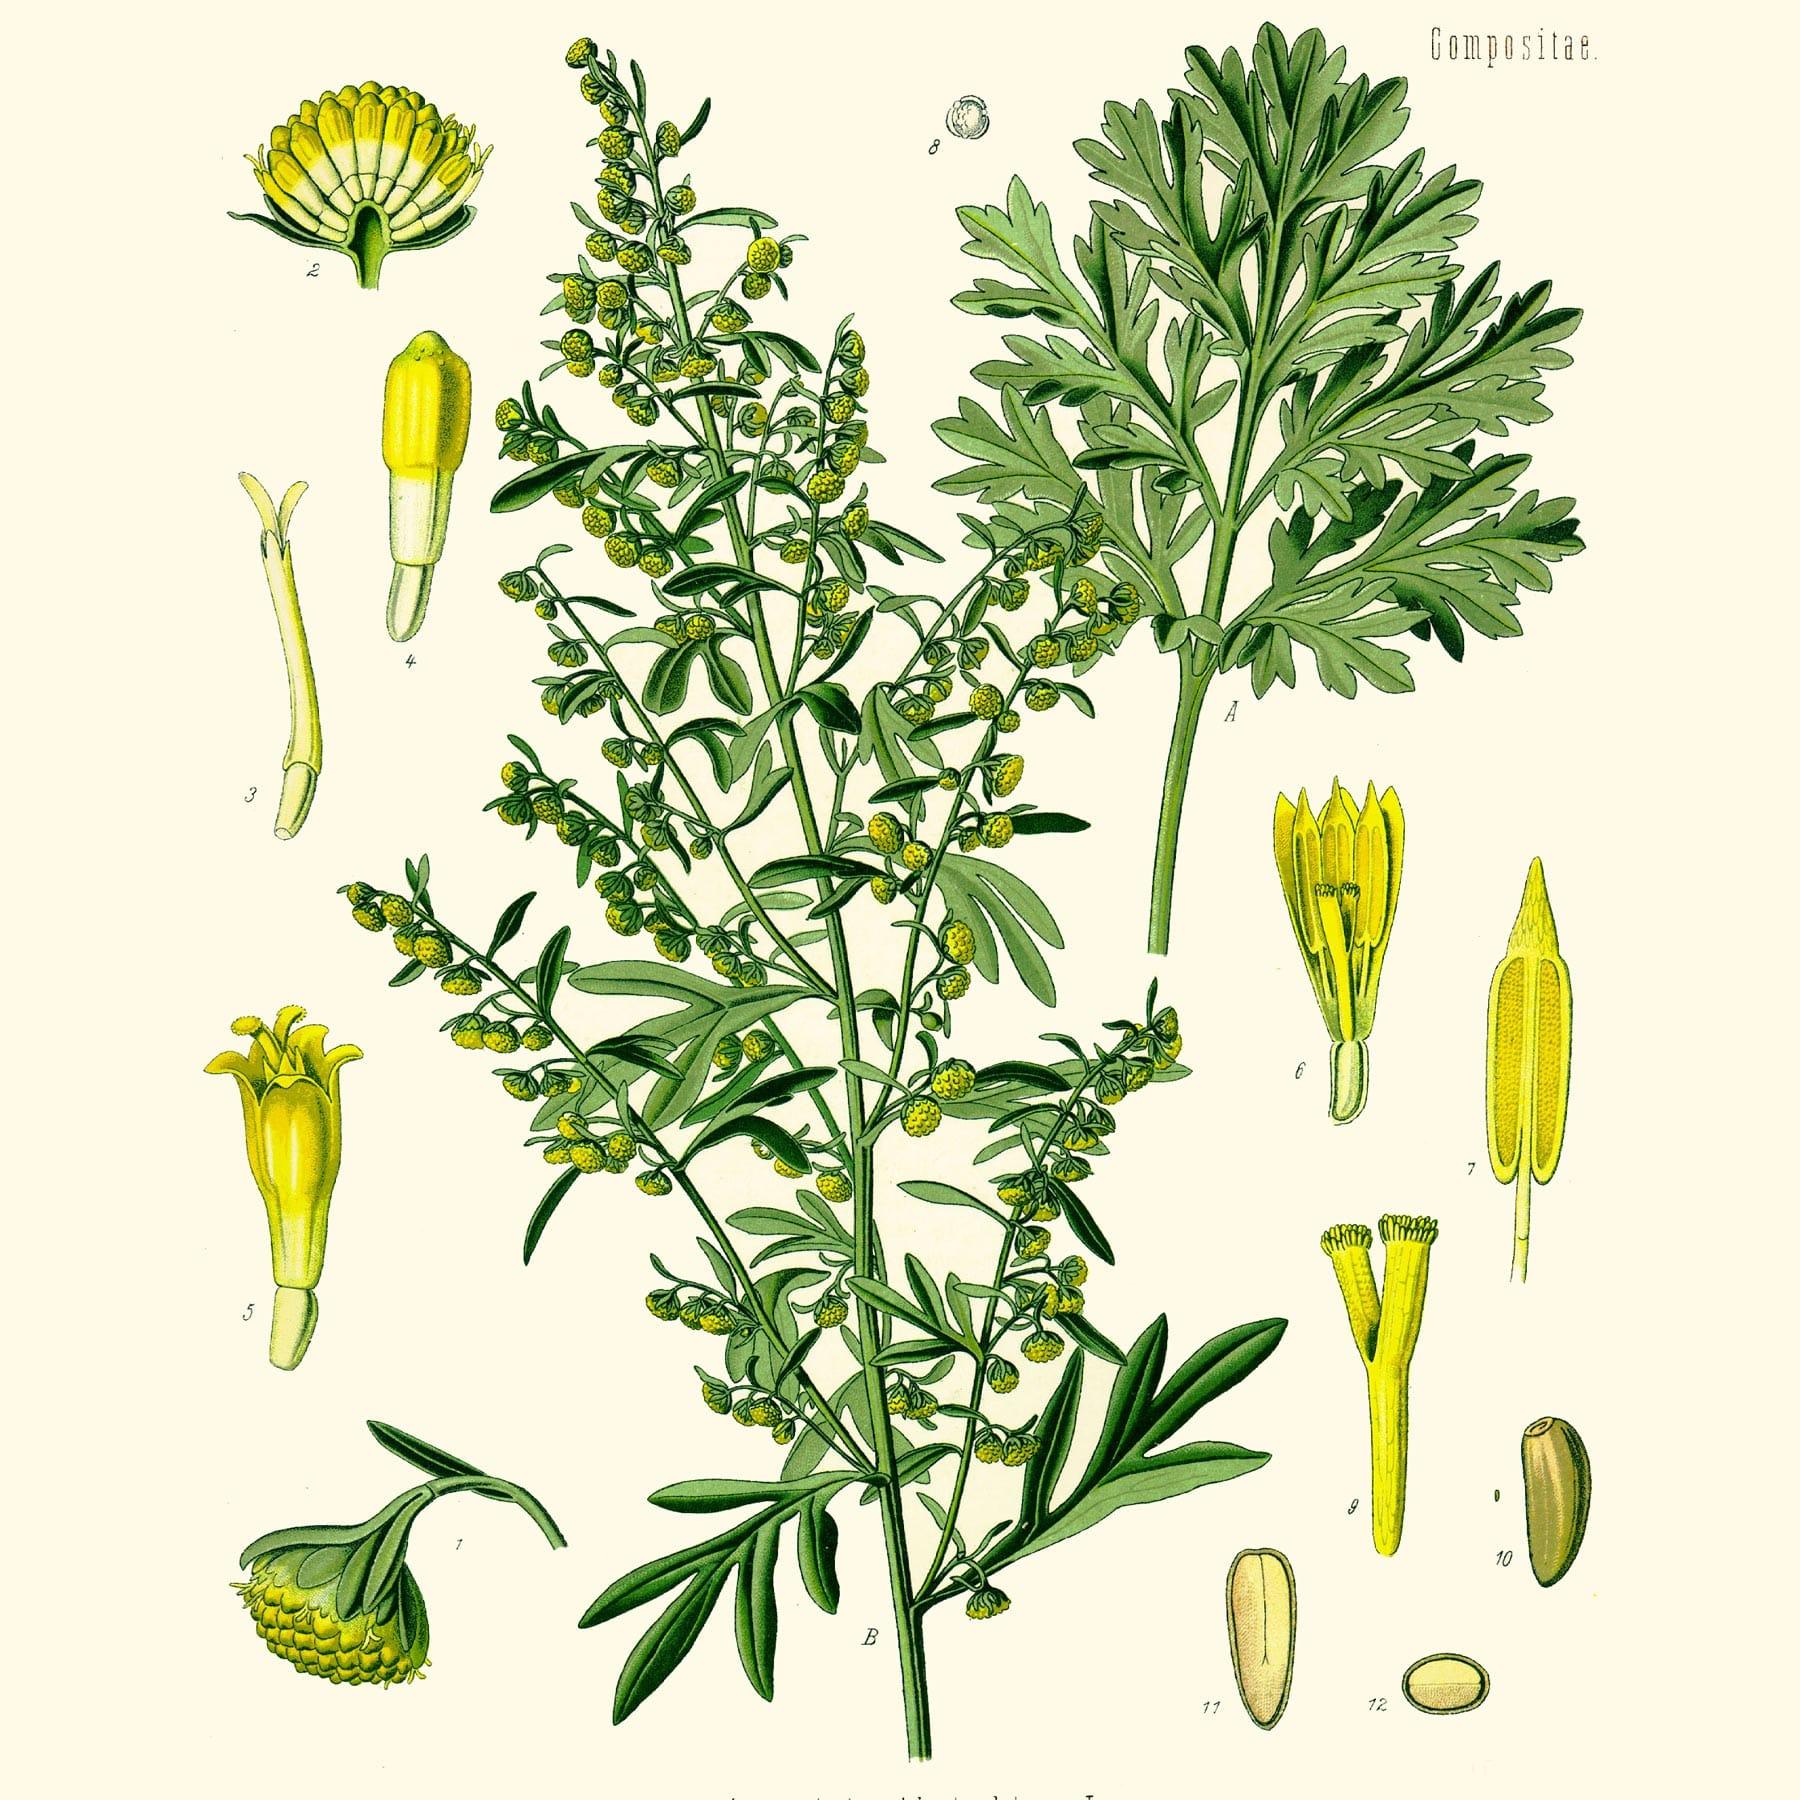 Горькая полынь (Artemisia absinthium). Источник: wikimedia.org